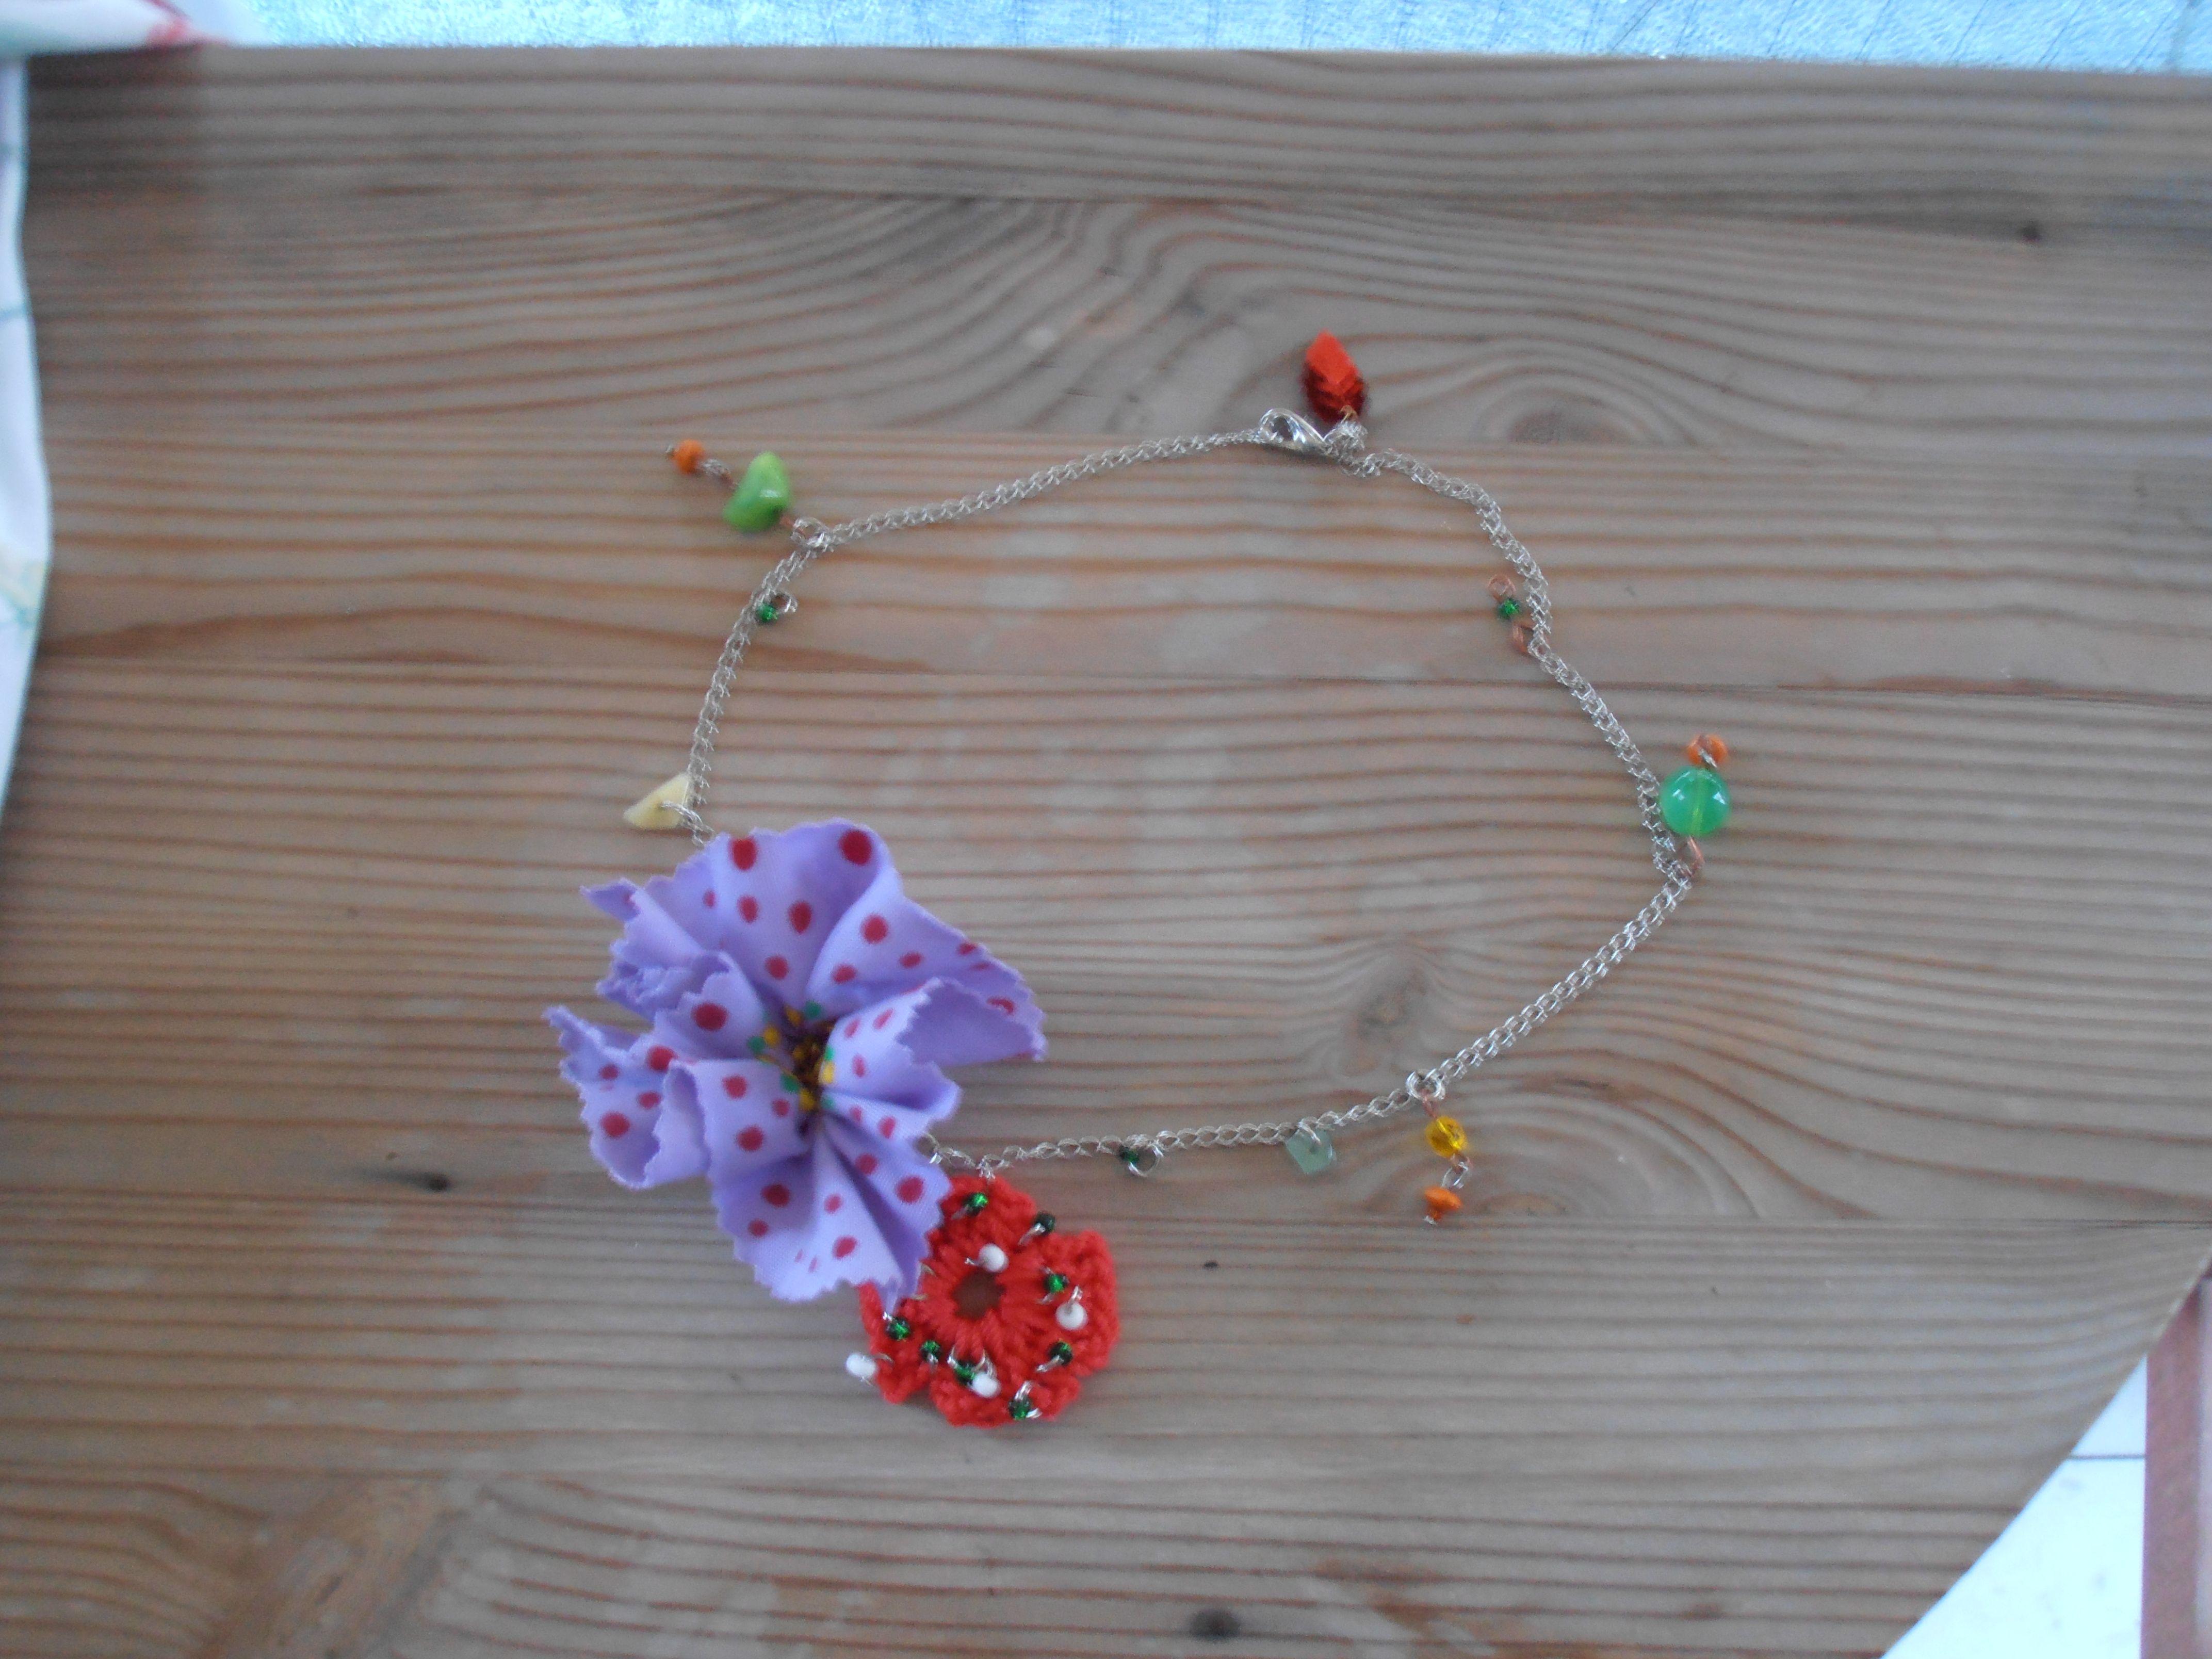 Plastic bottles crafts pinterest - Plastic bottle caps crafts ideas ...